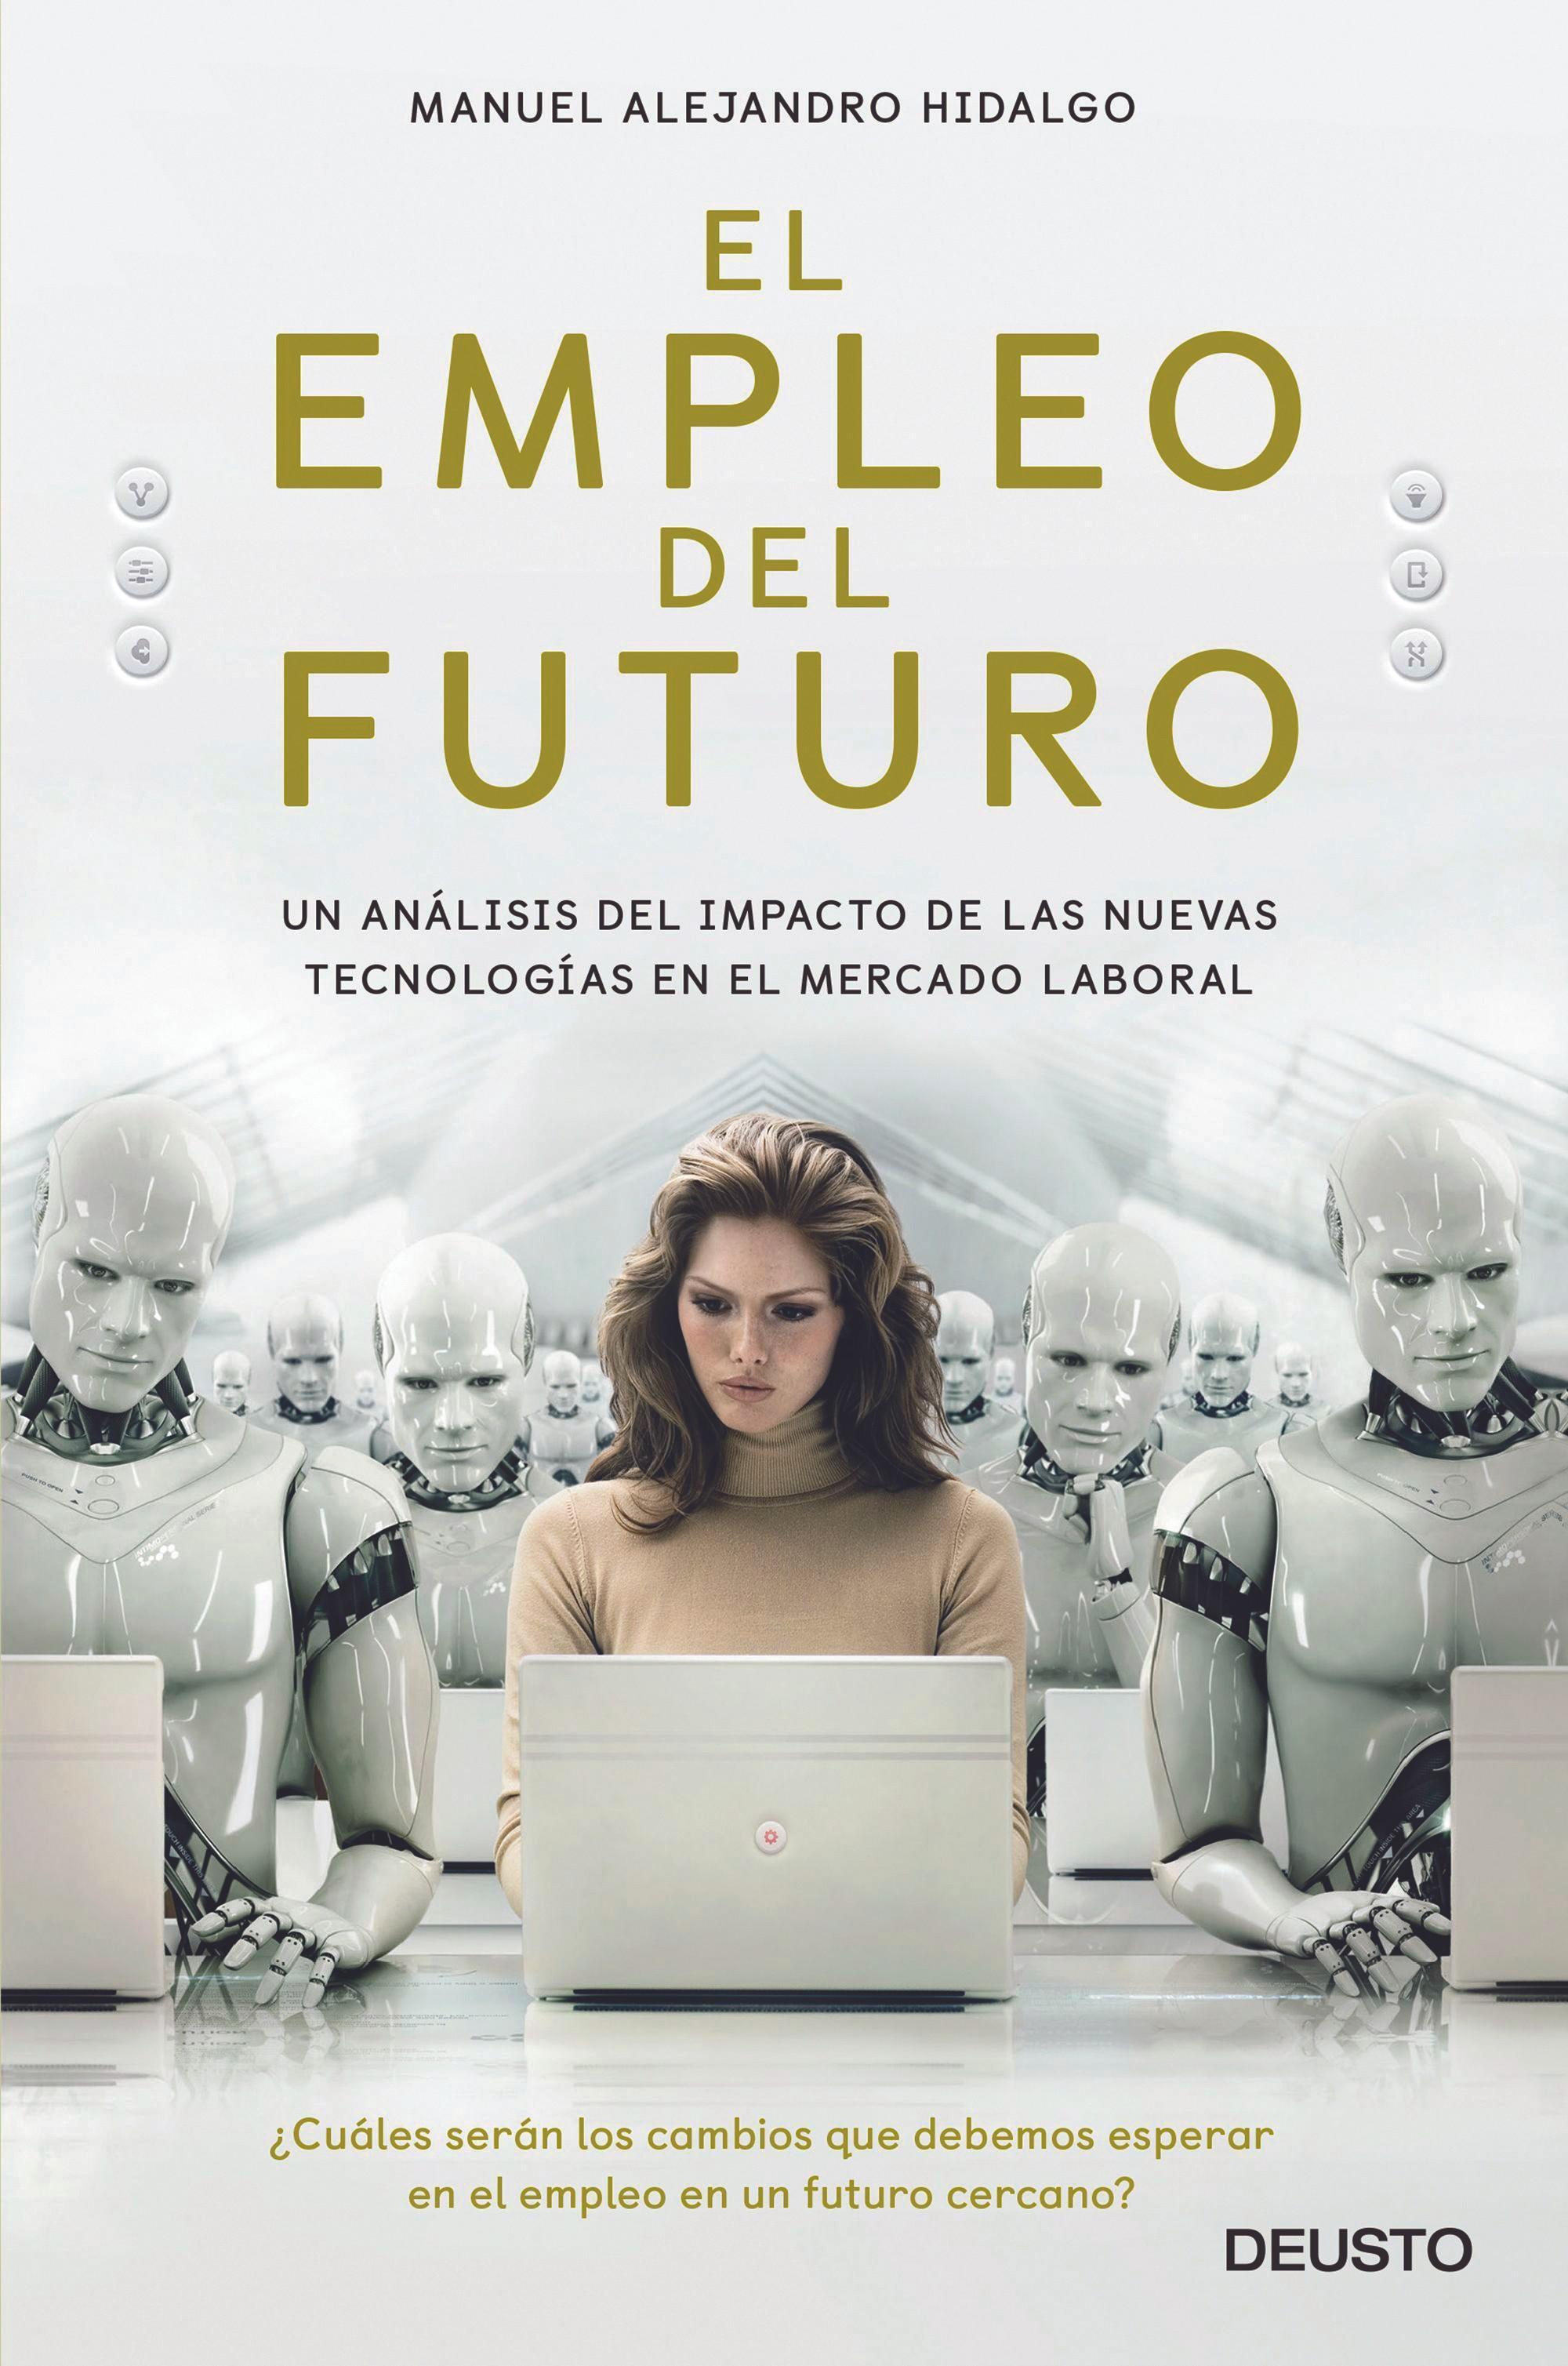 Portada del libro El empleo del futuro de Manuel Alejandro Hidalgo, 2018.